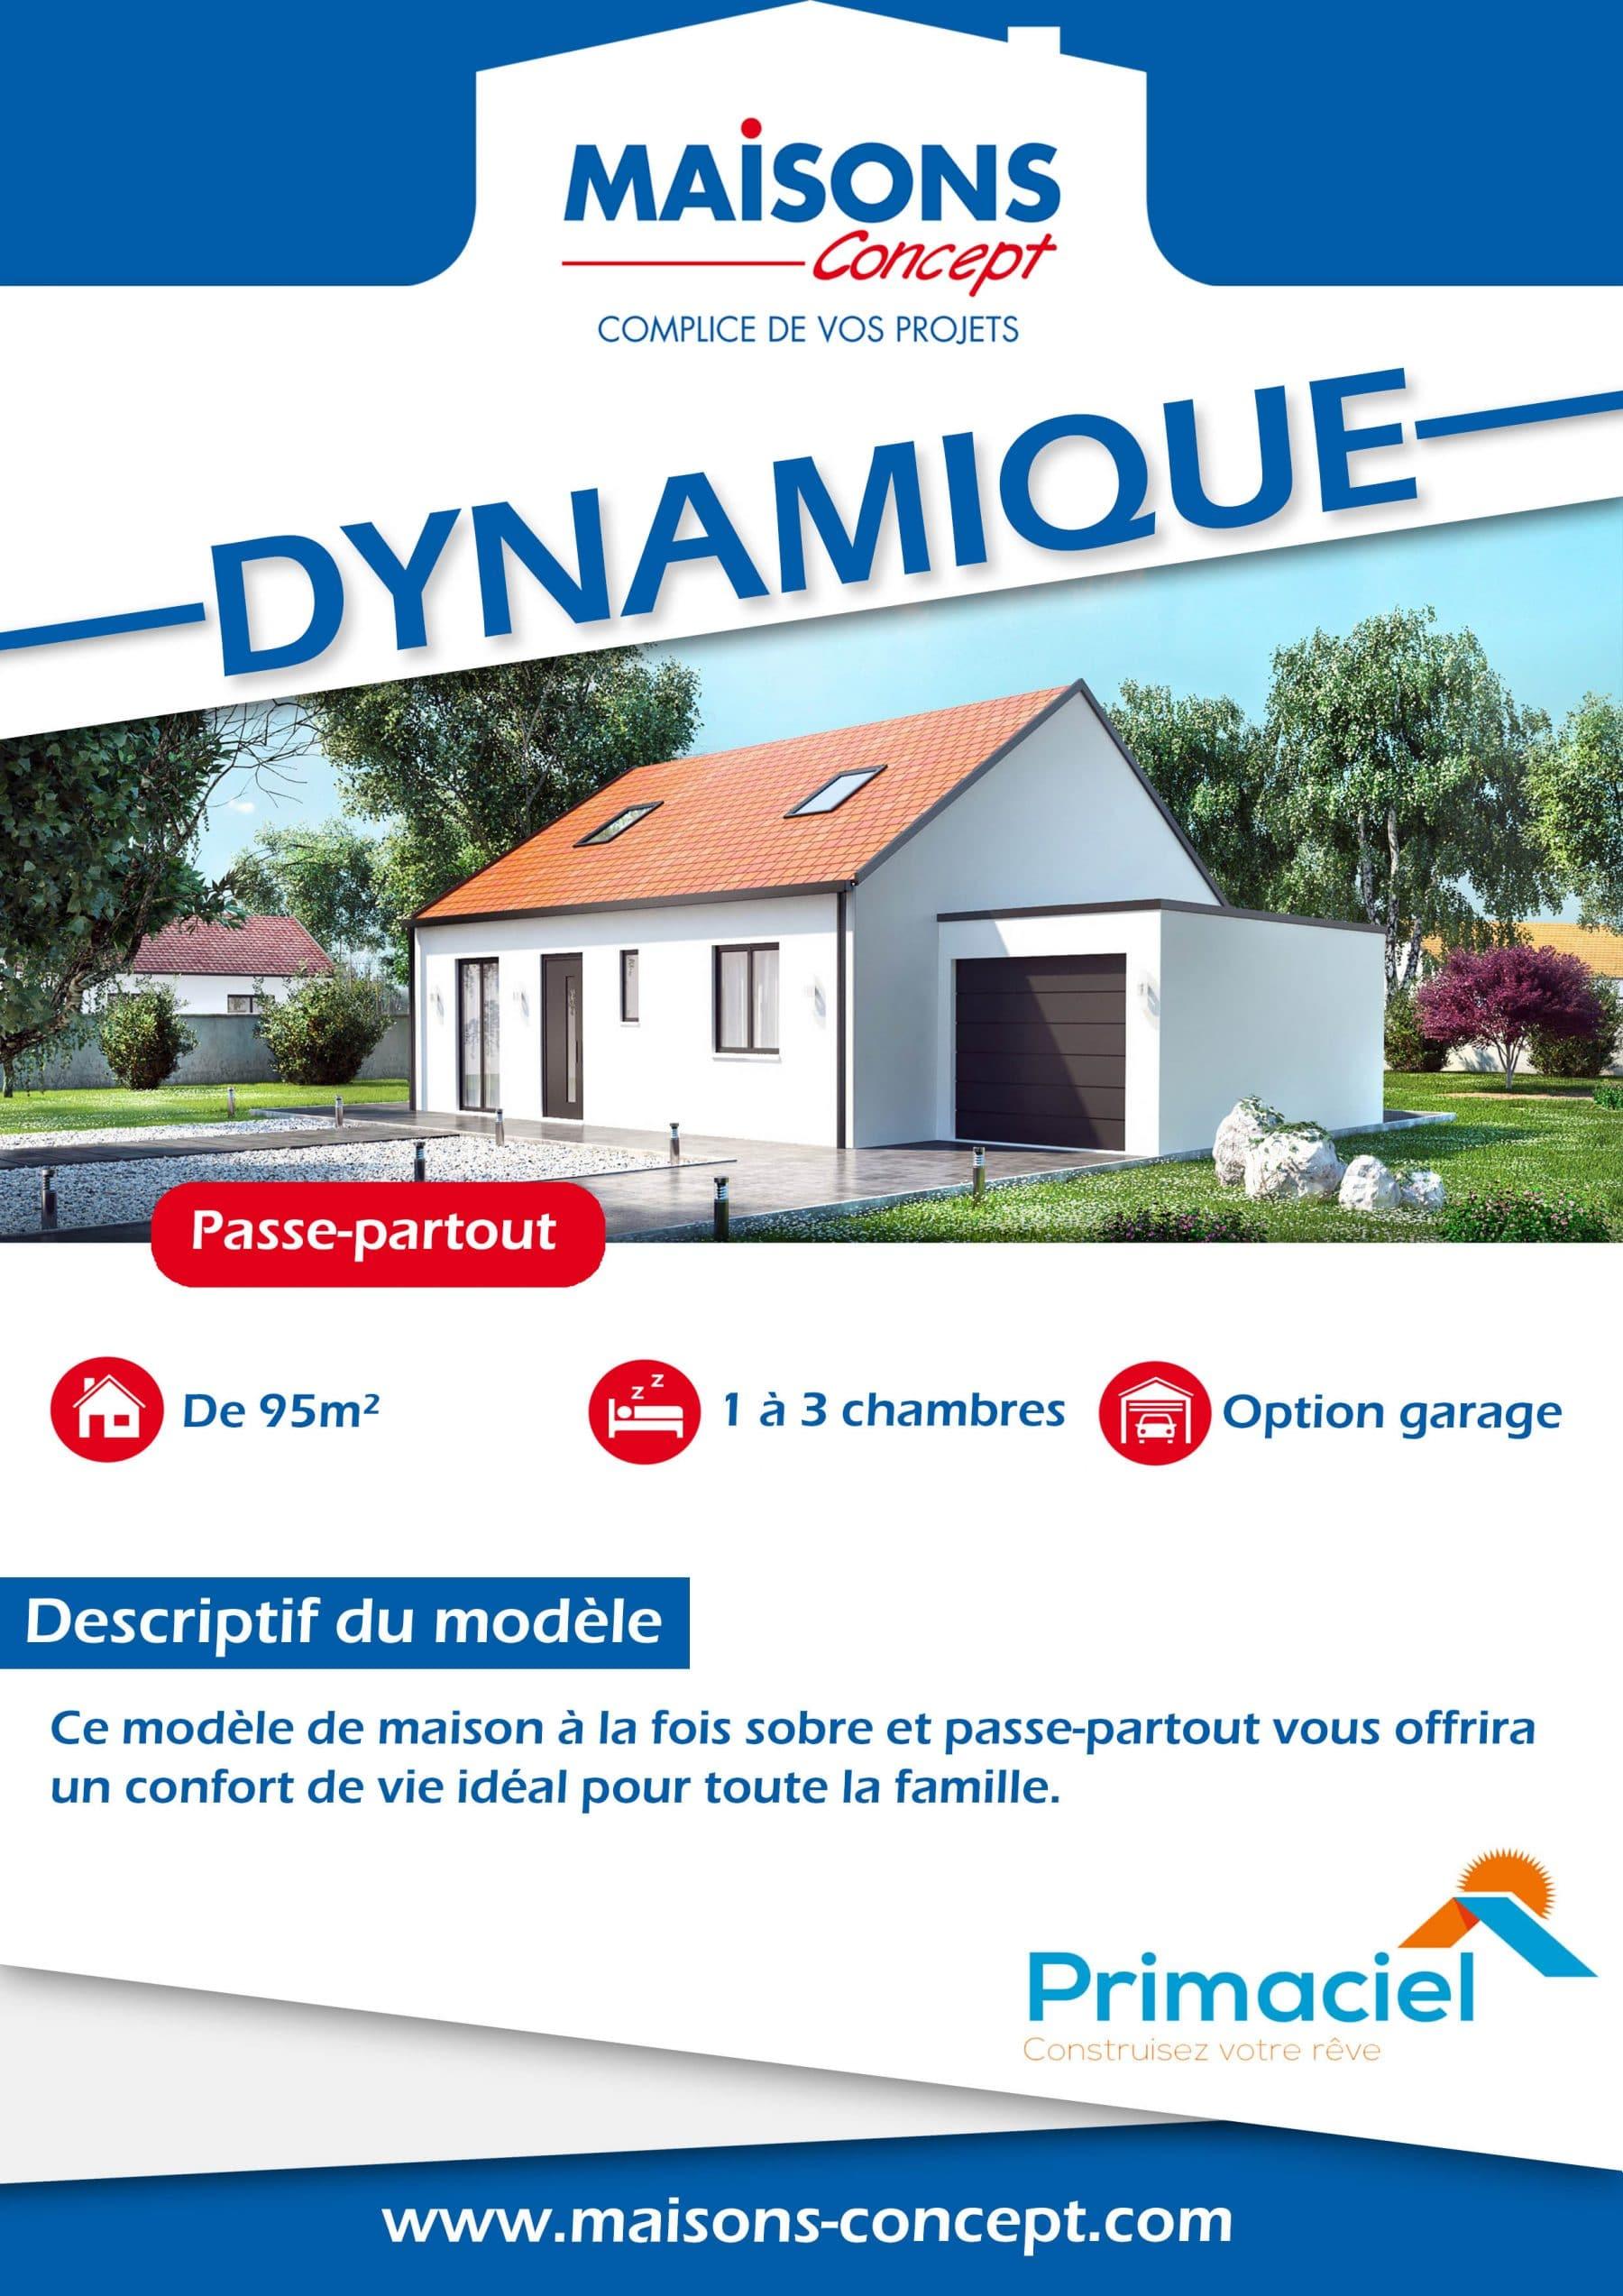 fiche technique de la maison dynamique de Maisons Concept